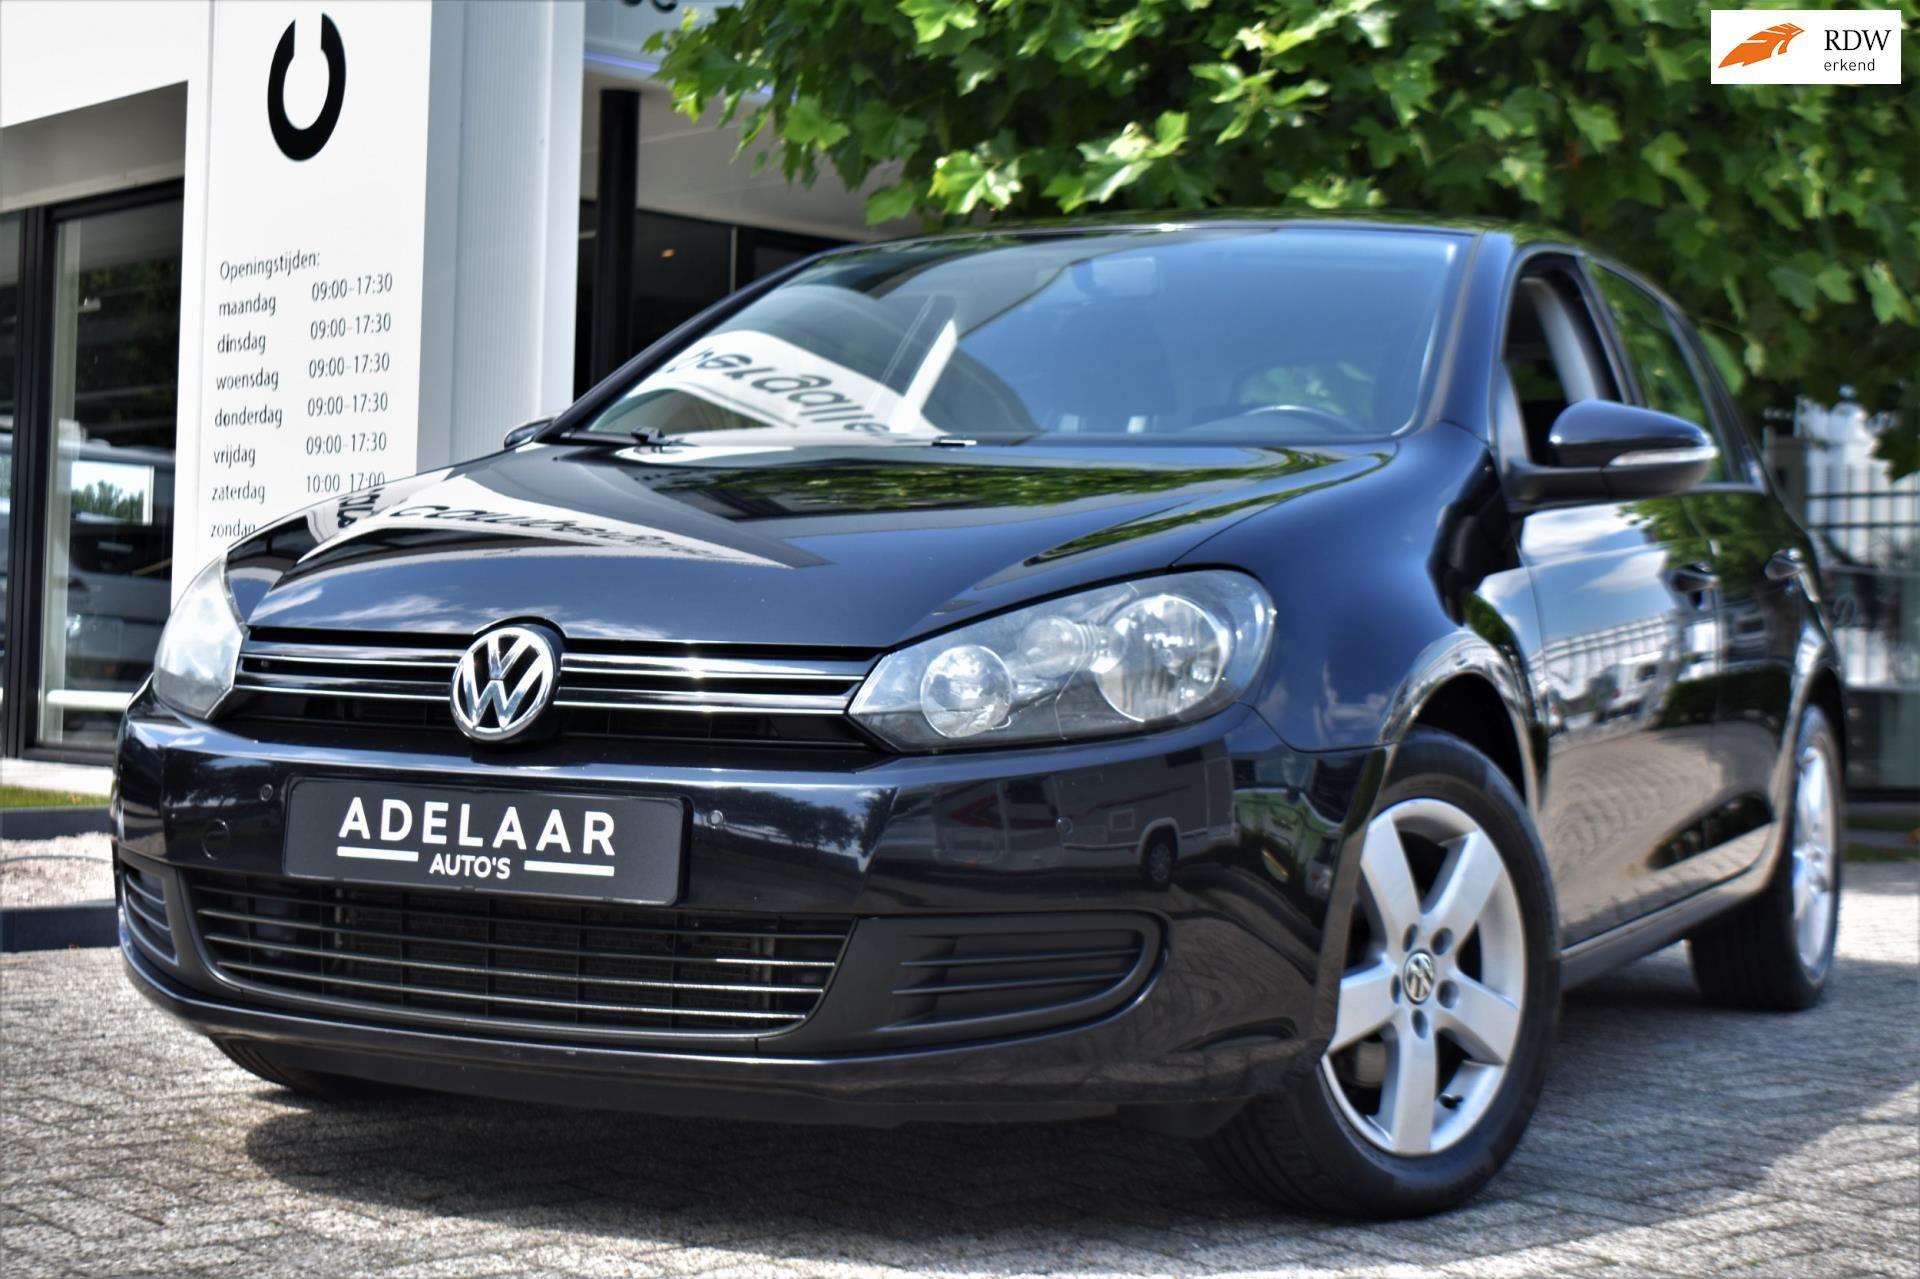 Volkswagen Golf occasion - Car Gallery de Adelaar